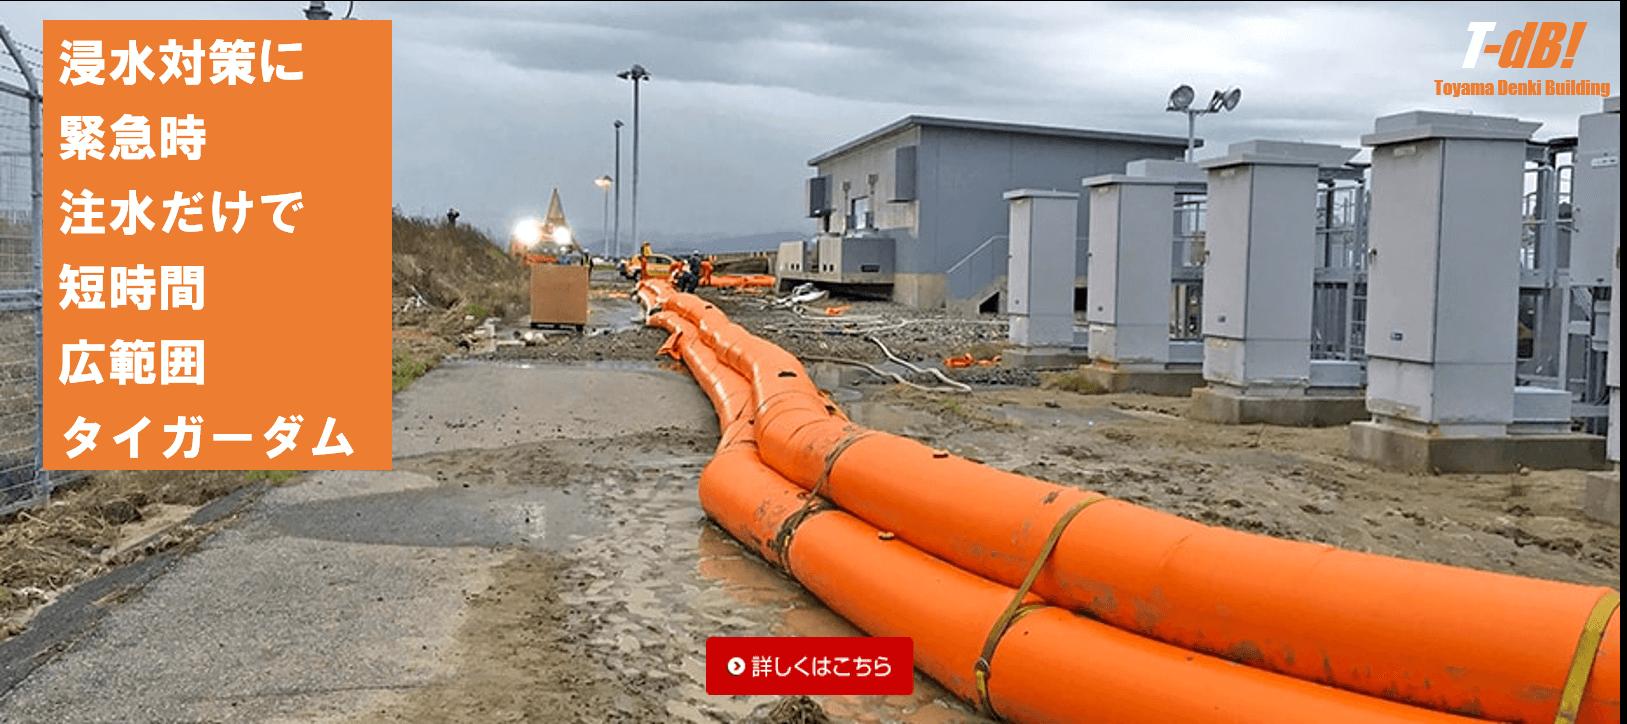 台風や集中豪雨の時に注水ですぐ使える水嚢タイガーダム